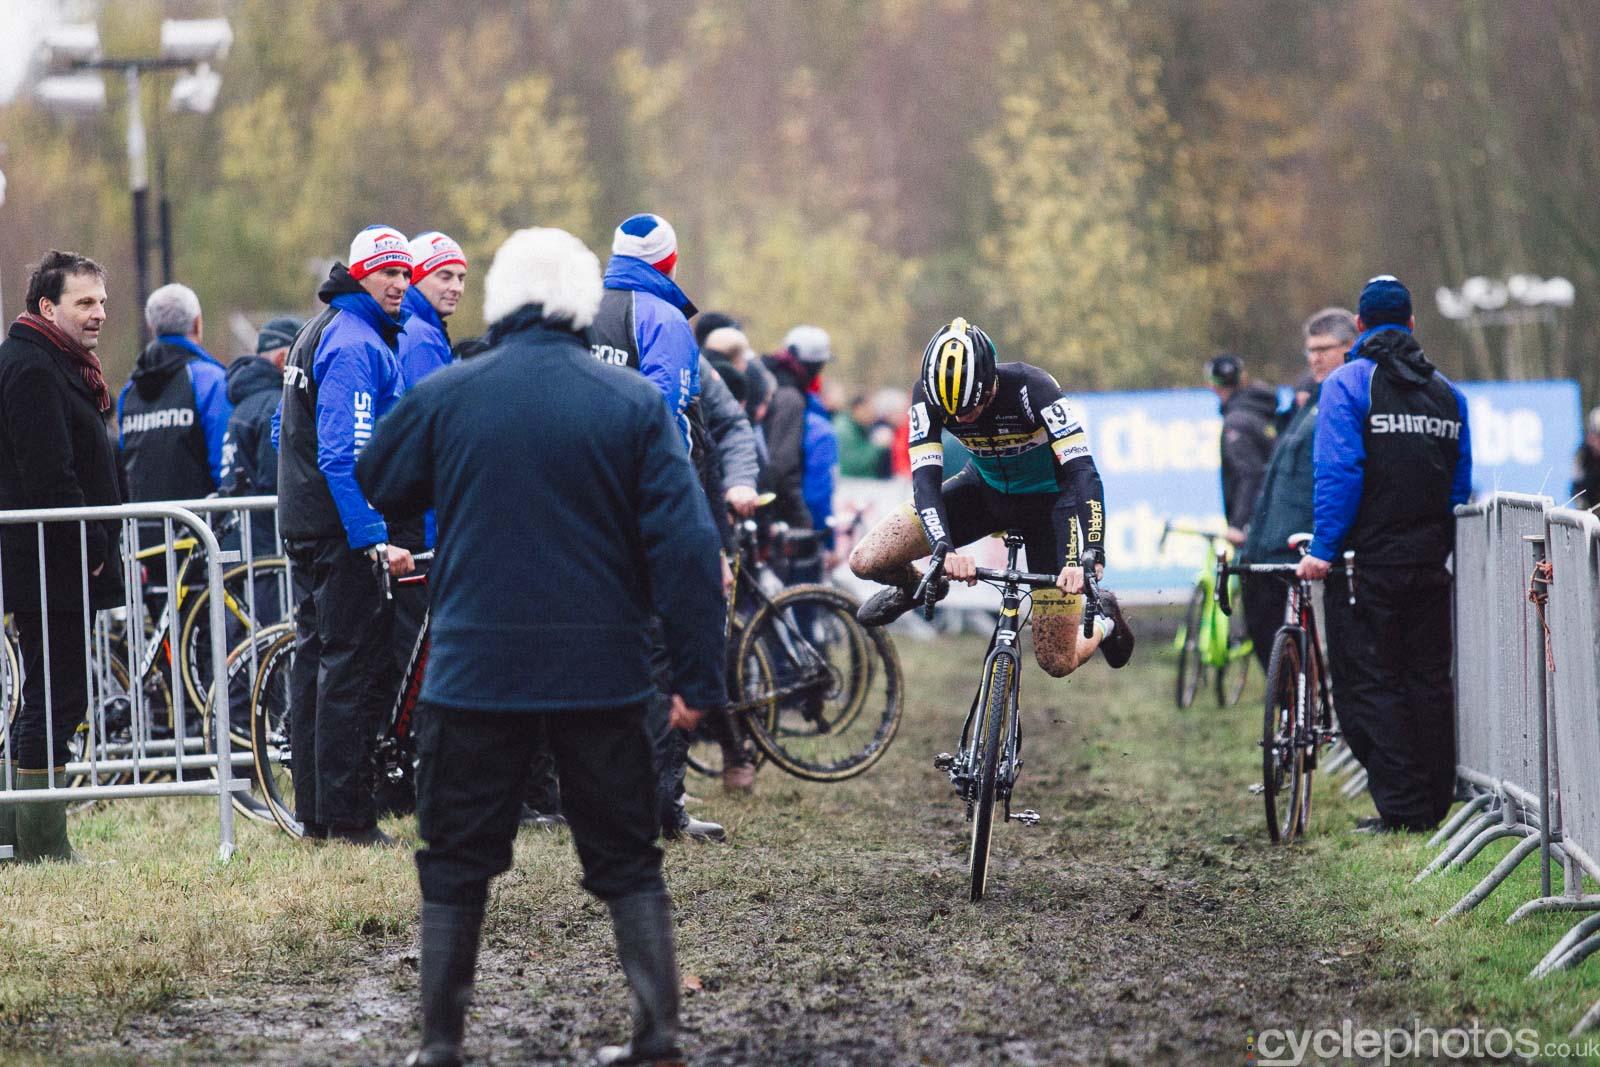 2015-cyclephotos-cyclocross-essen-153239-corne-van-kessel